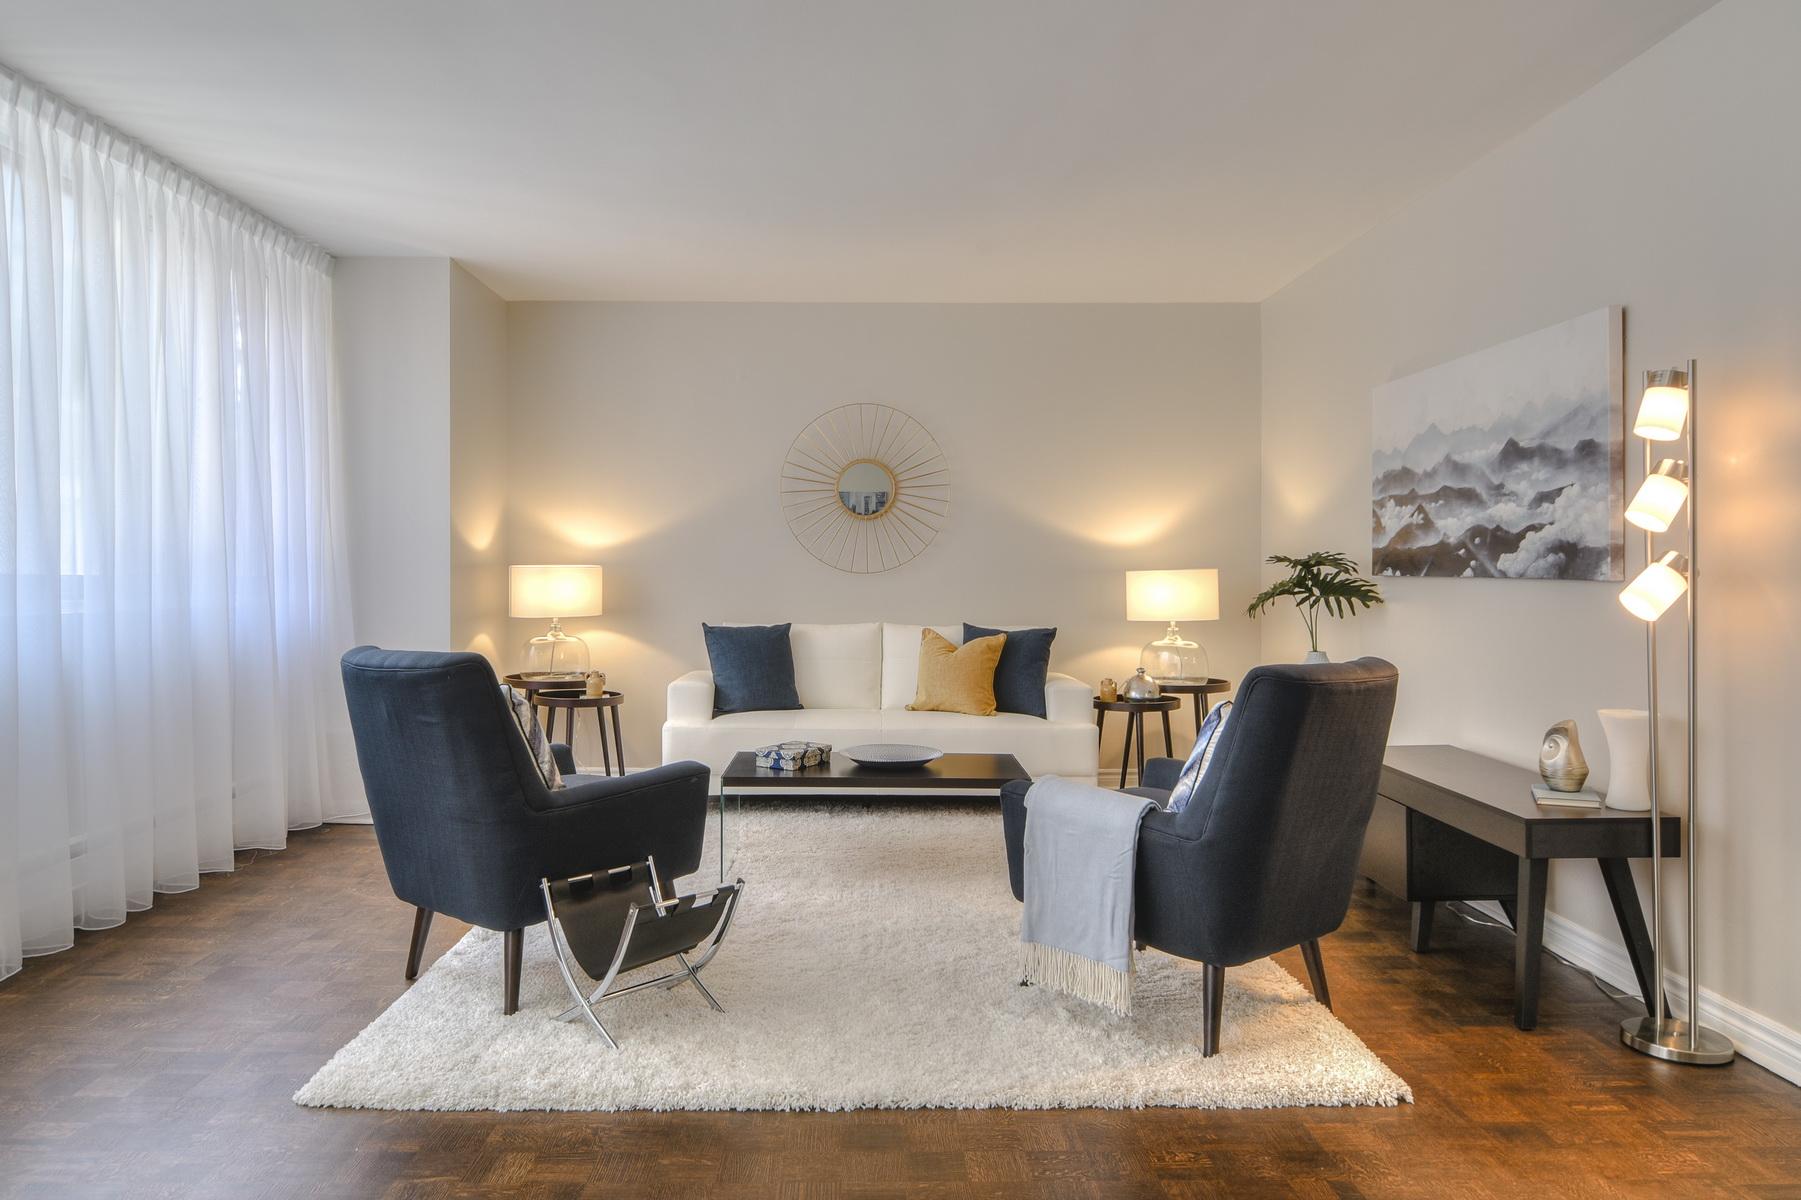 Дизайн и освещение однокомнатной квартиры